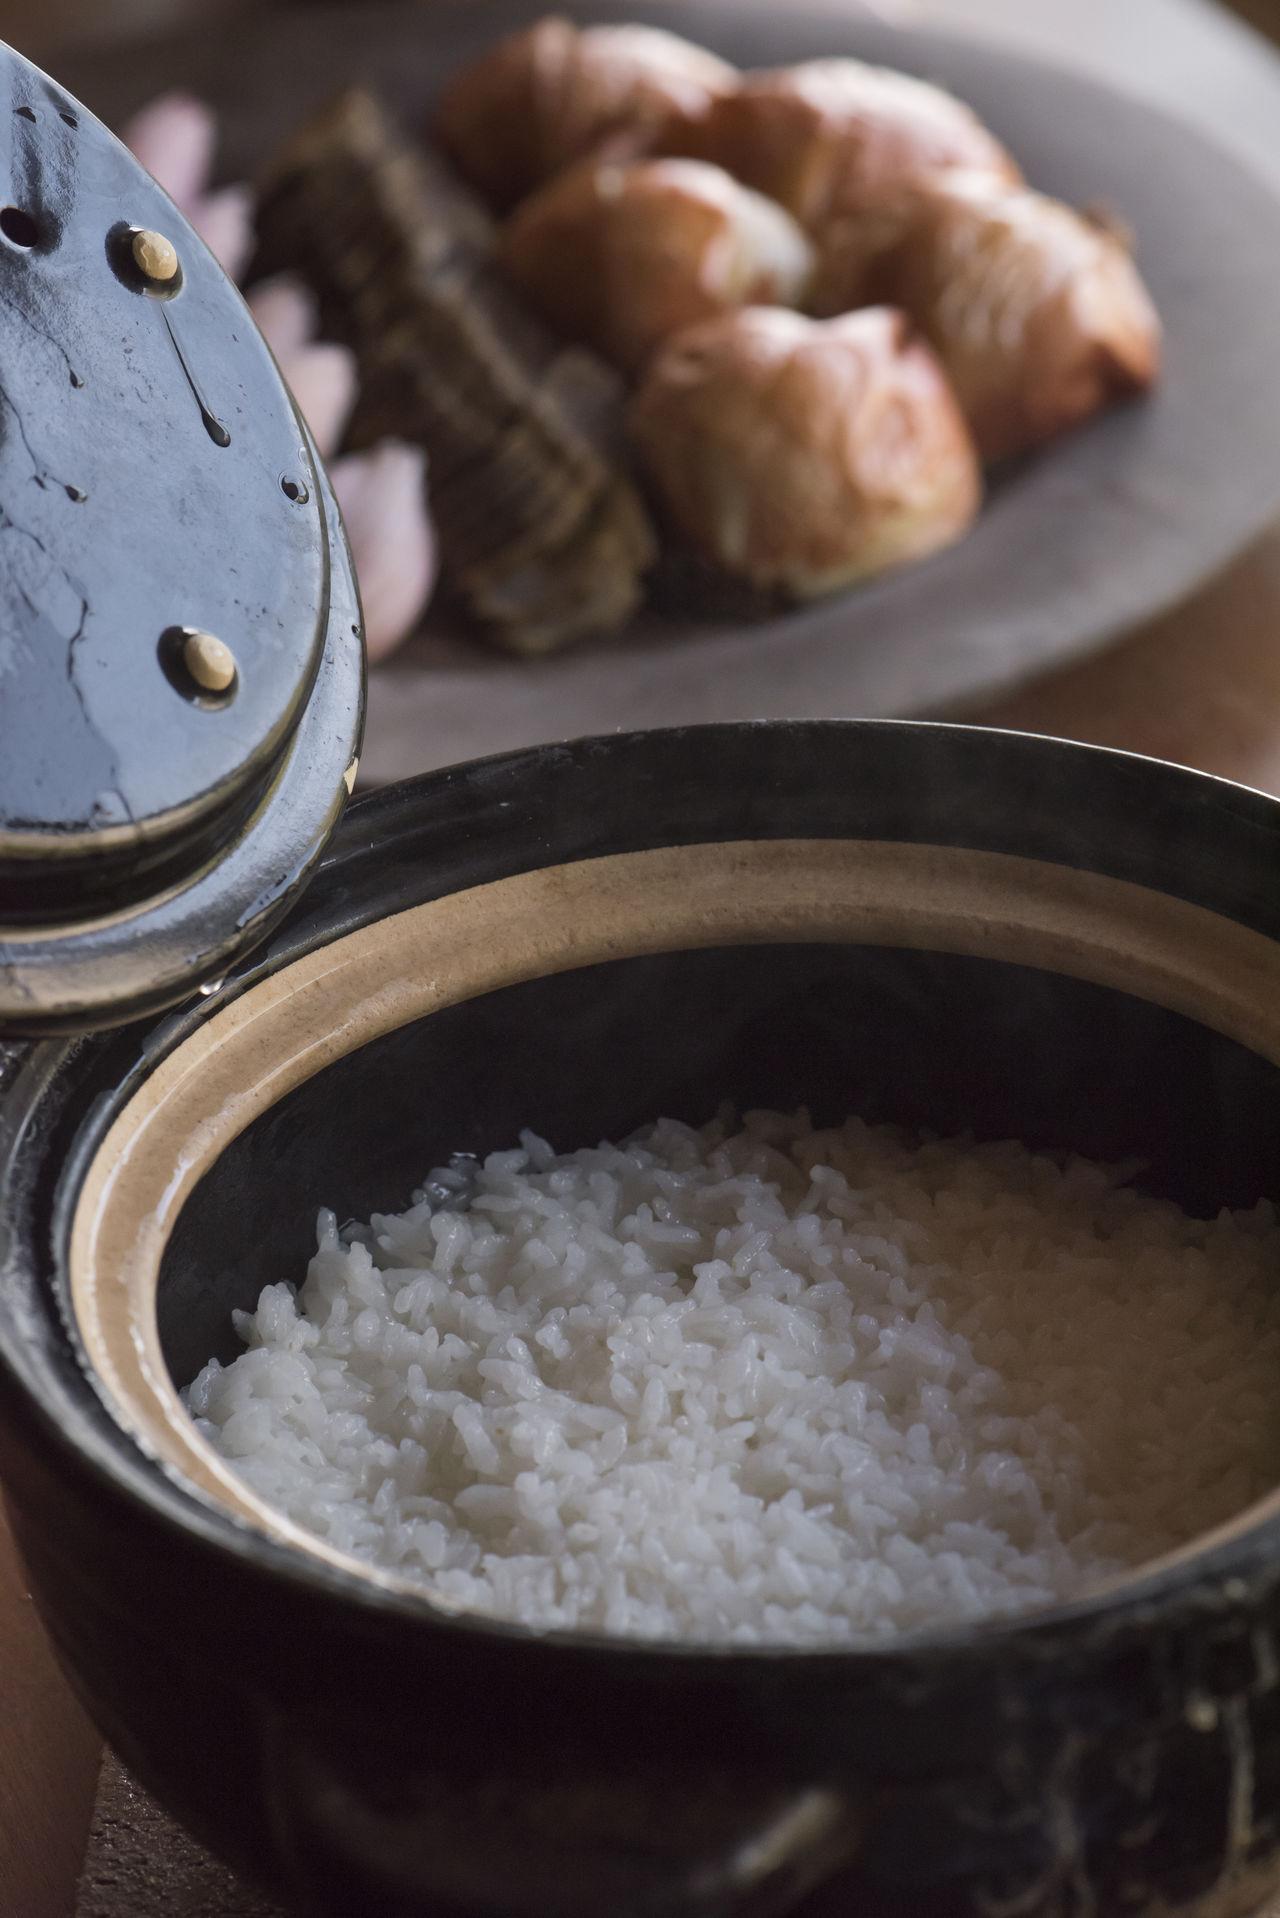 Рис в керамической посуде